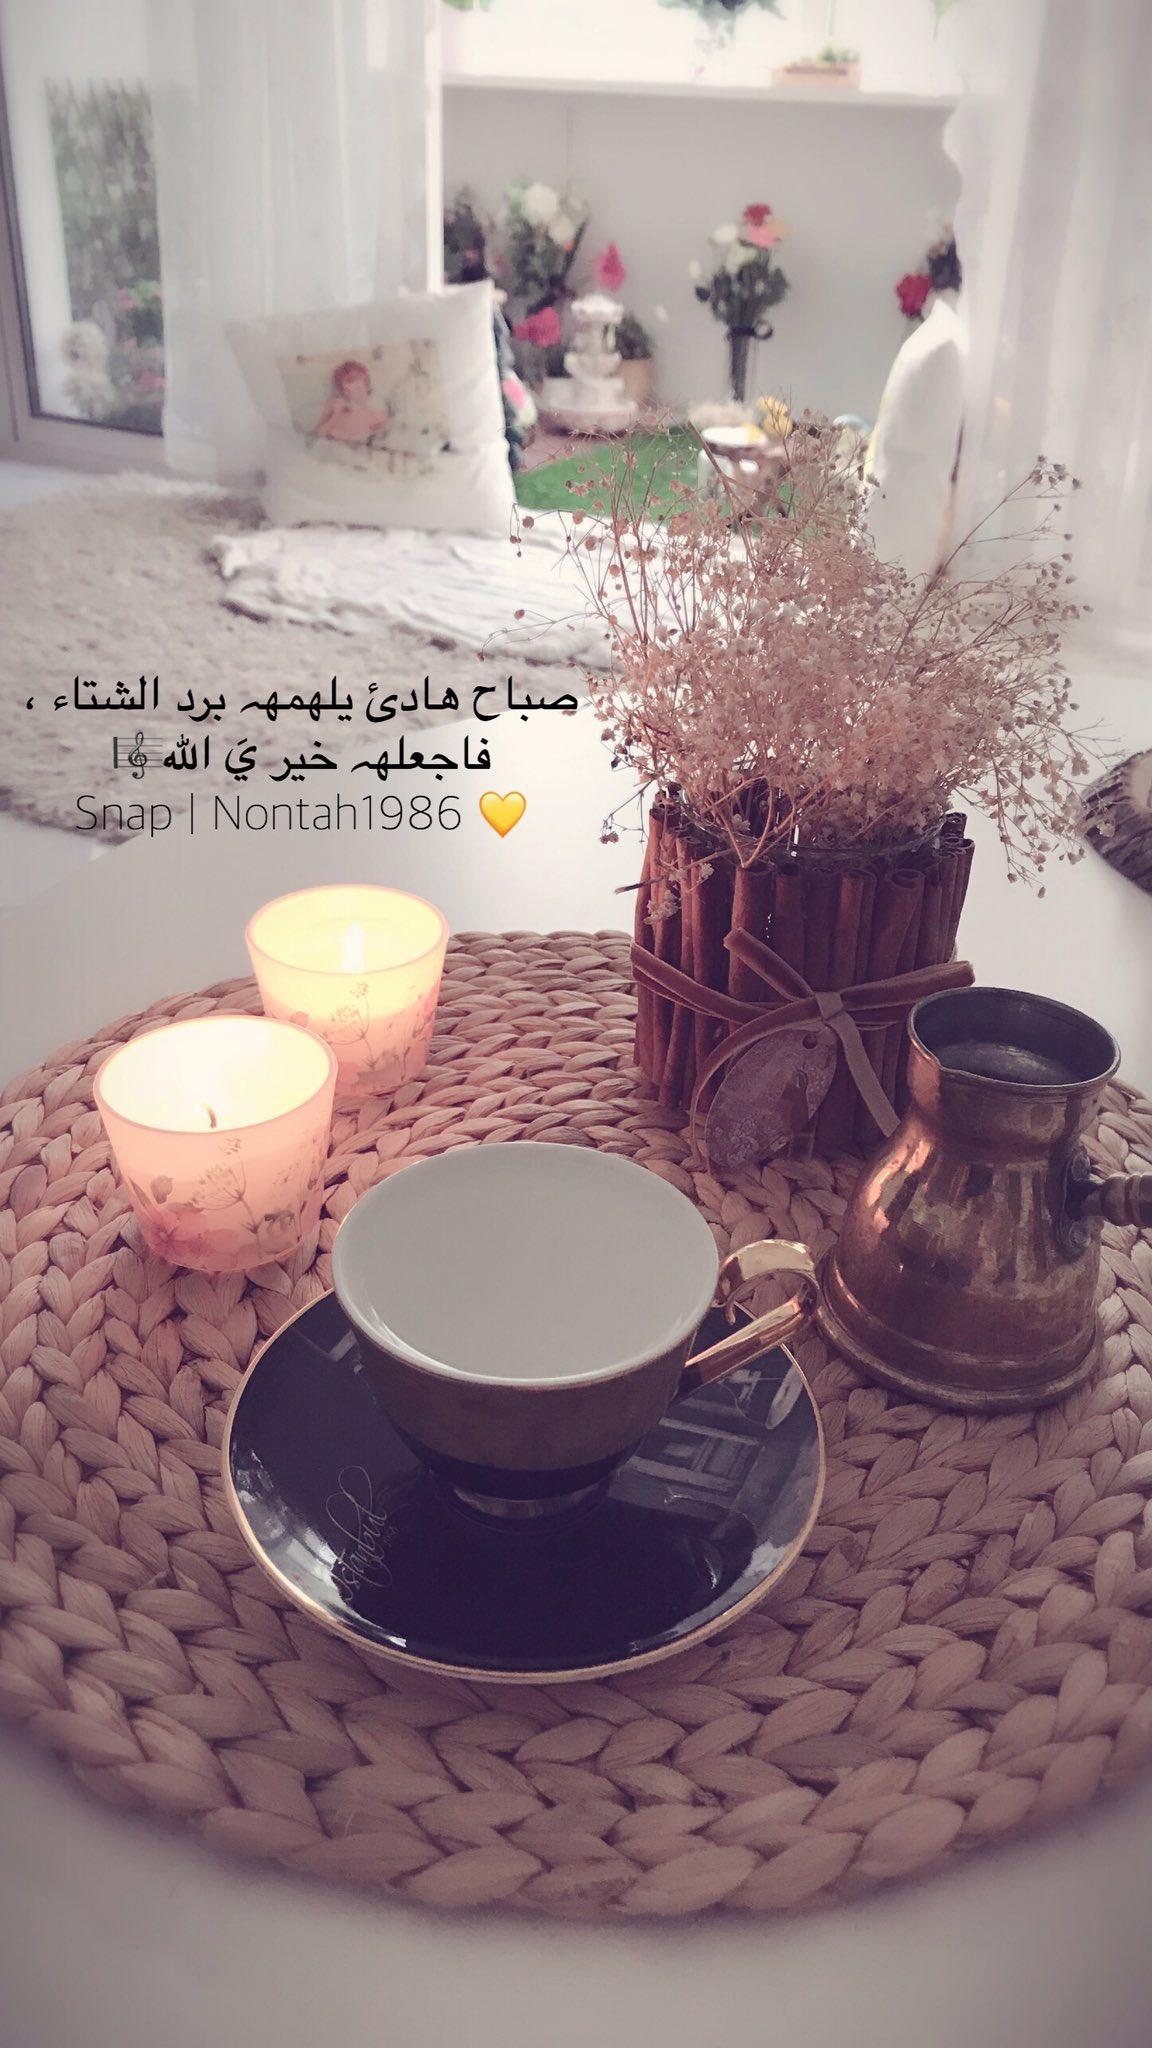 قهوة نور En Twitter صباح هادئ يلهمهہ برد الشتاء فاجعلهہ خير ي الله